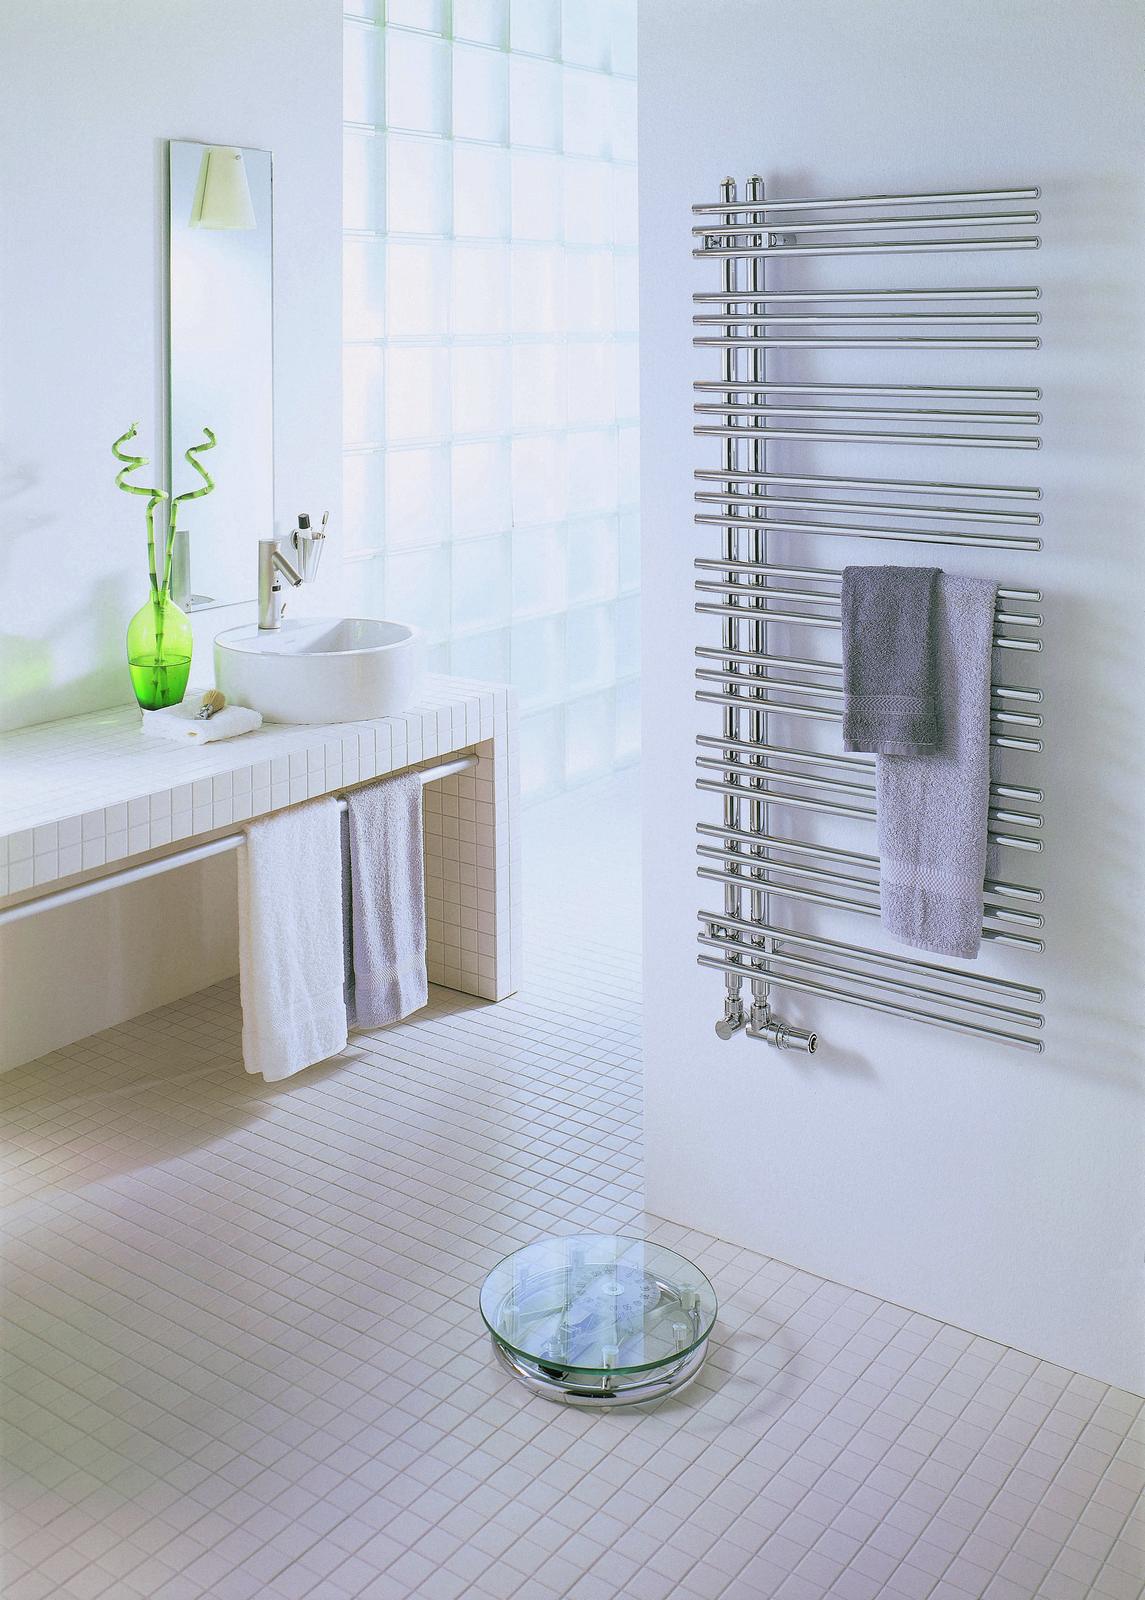 zehnder yucca asymmetric. Black Bedroom Furniture Sets. Home Design Ideas